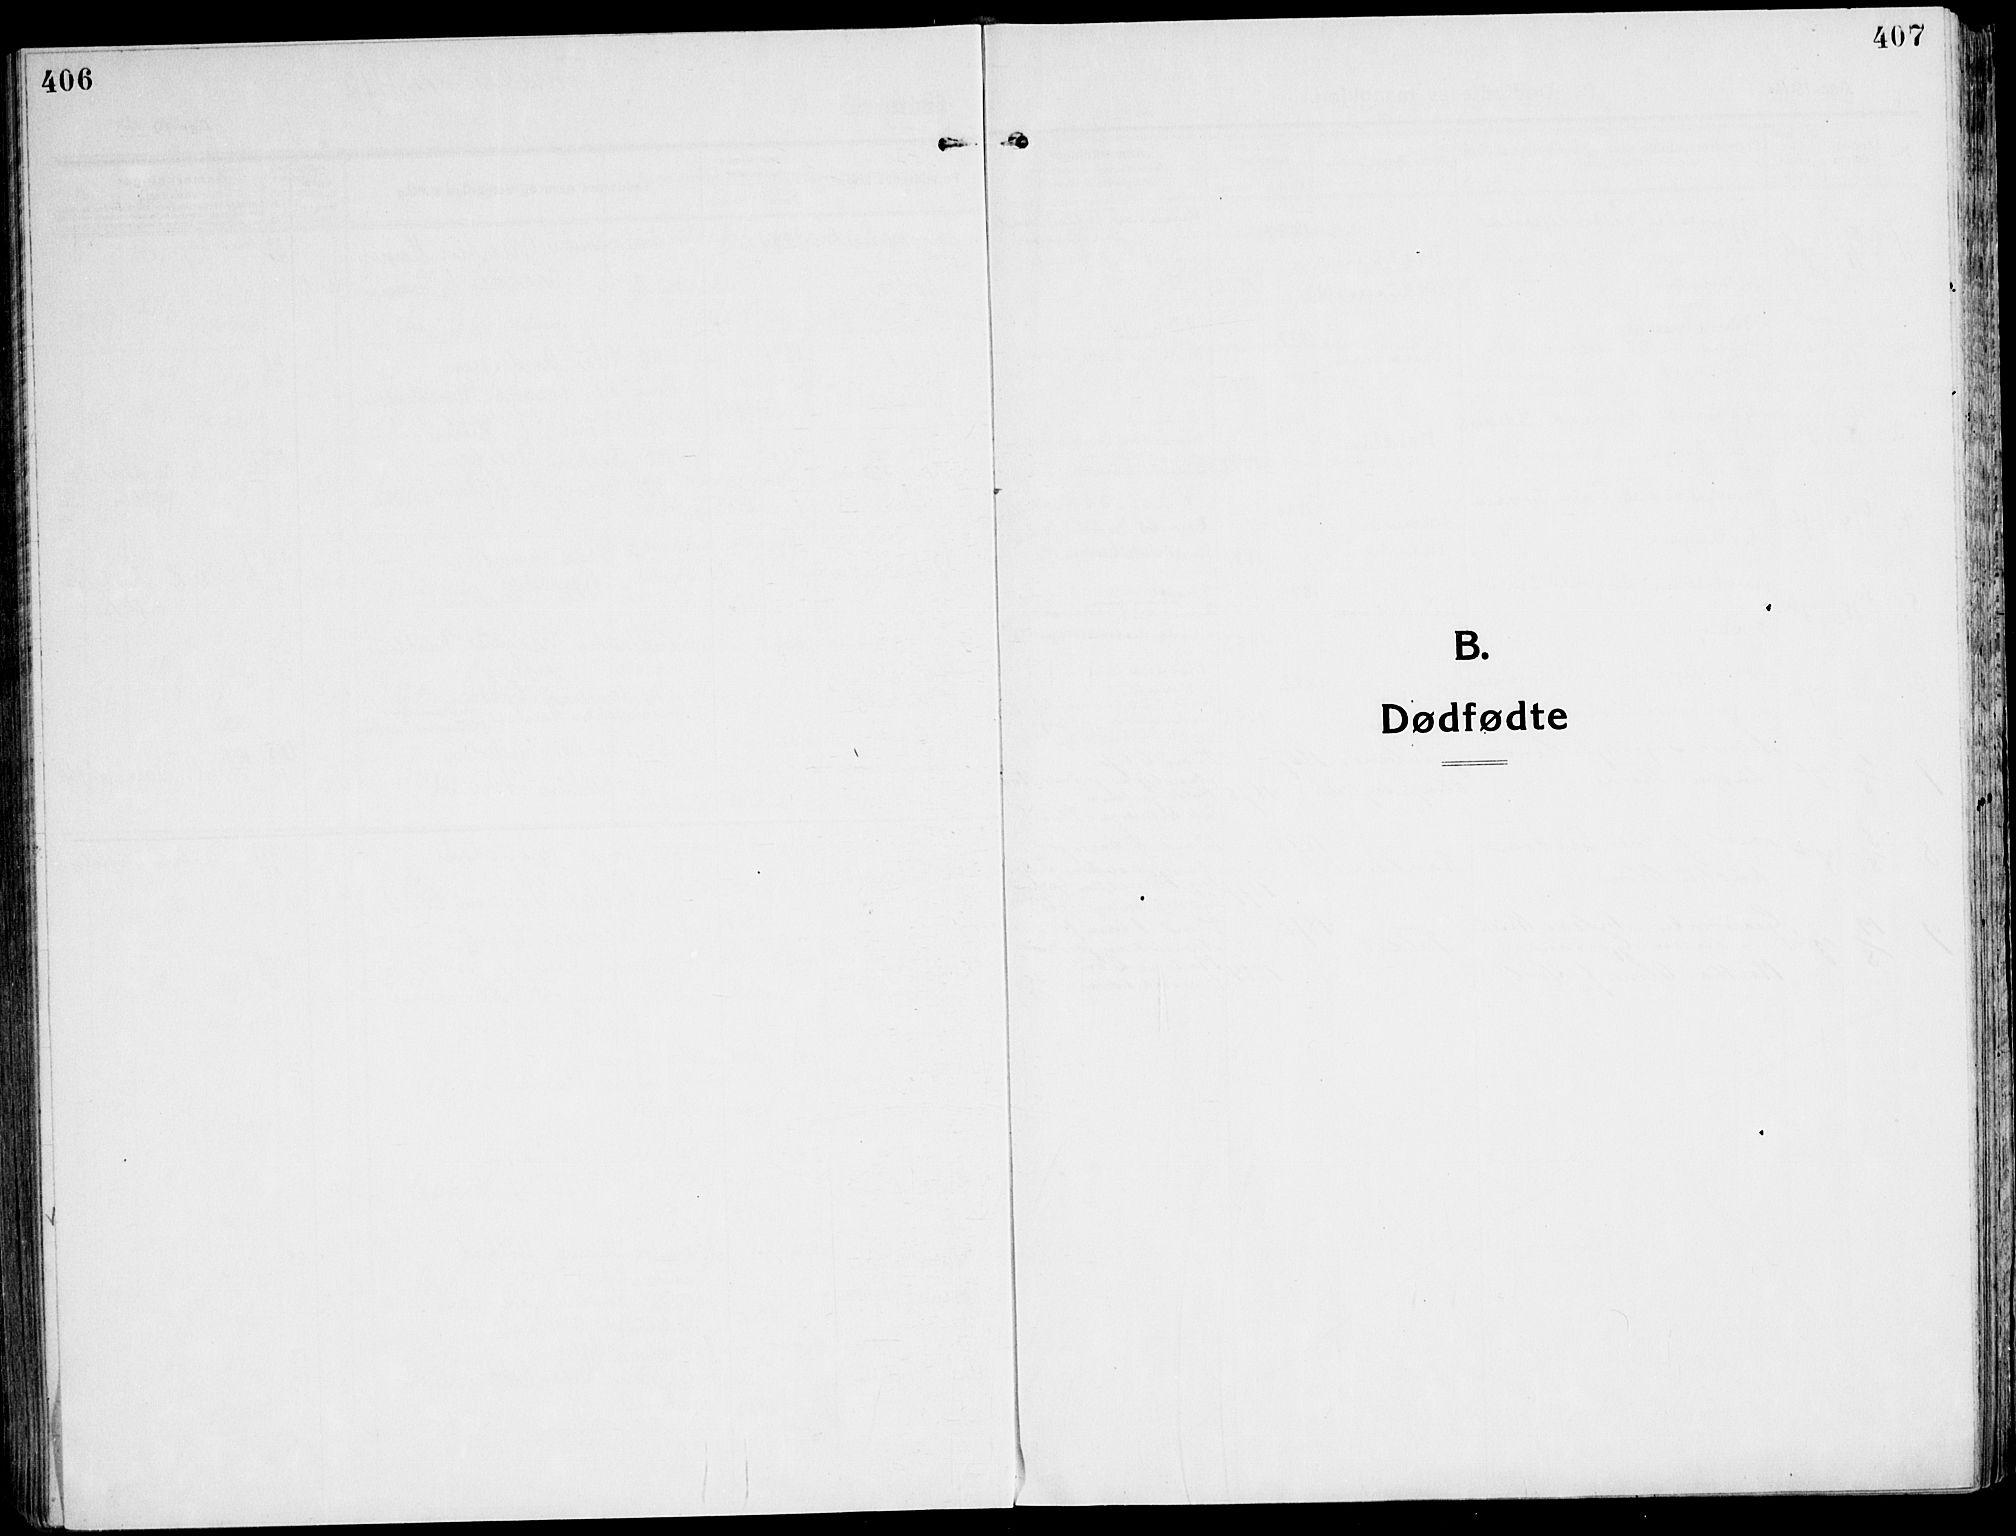 SAT, Ministerialprotokoller, klokkerbøker og fødselsregistre - Sør-Trøndelag, 607/L0321: Ministerialbok nr. 607A05, 1916-1935, s. 406-407